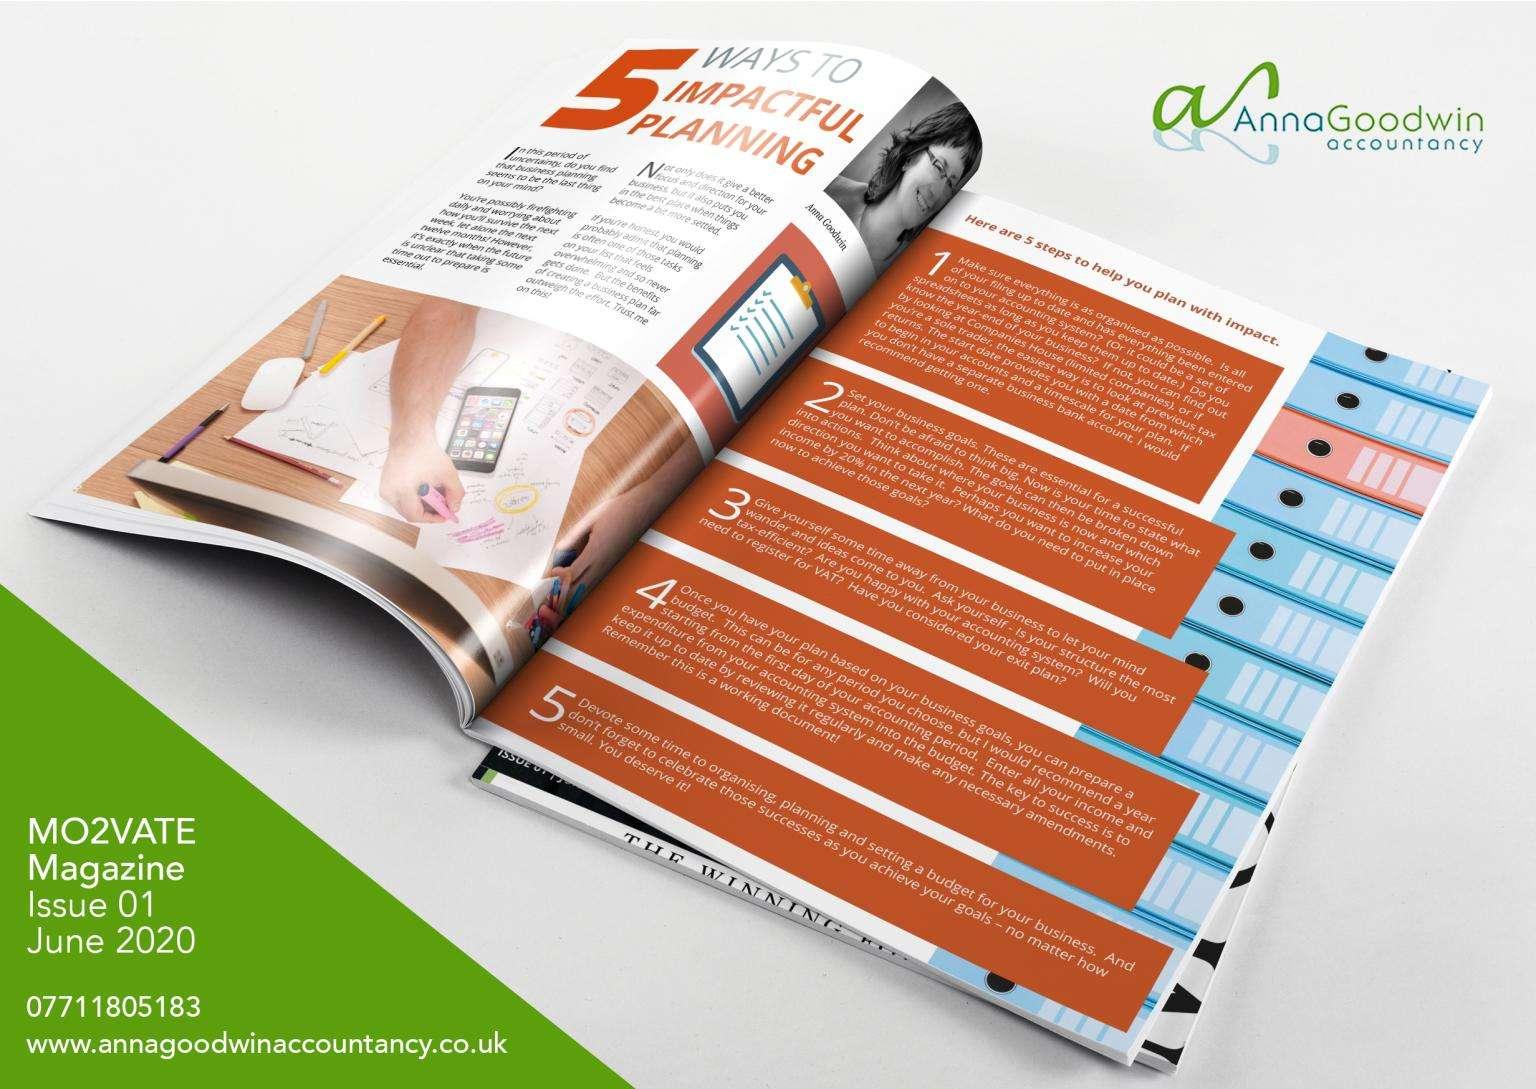 Mo2vate magazine